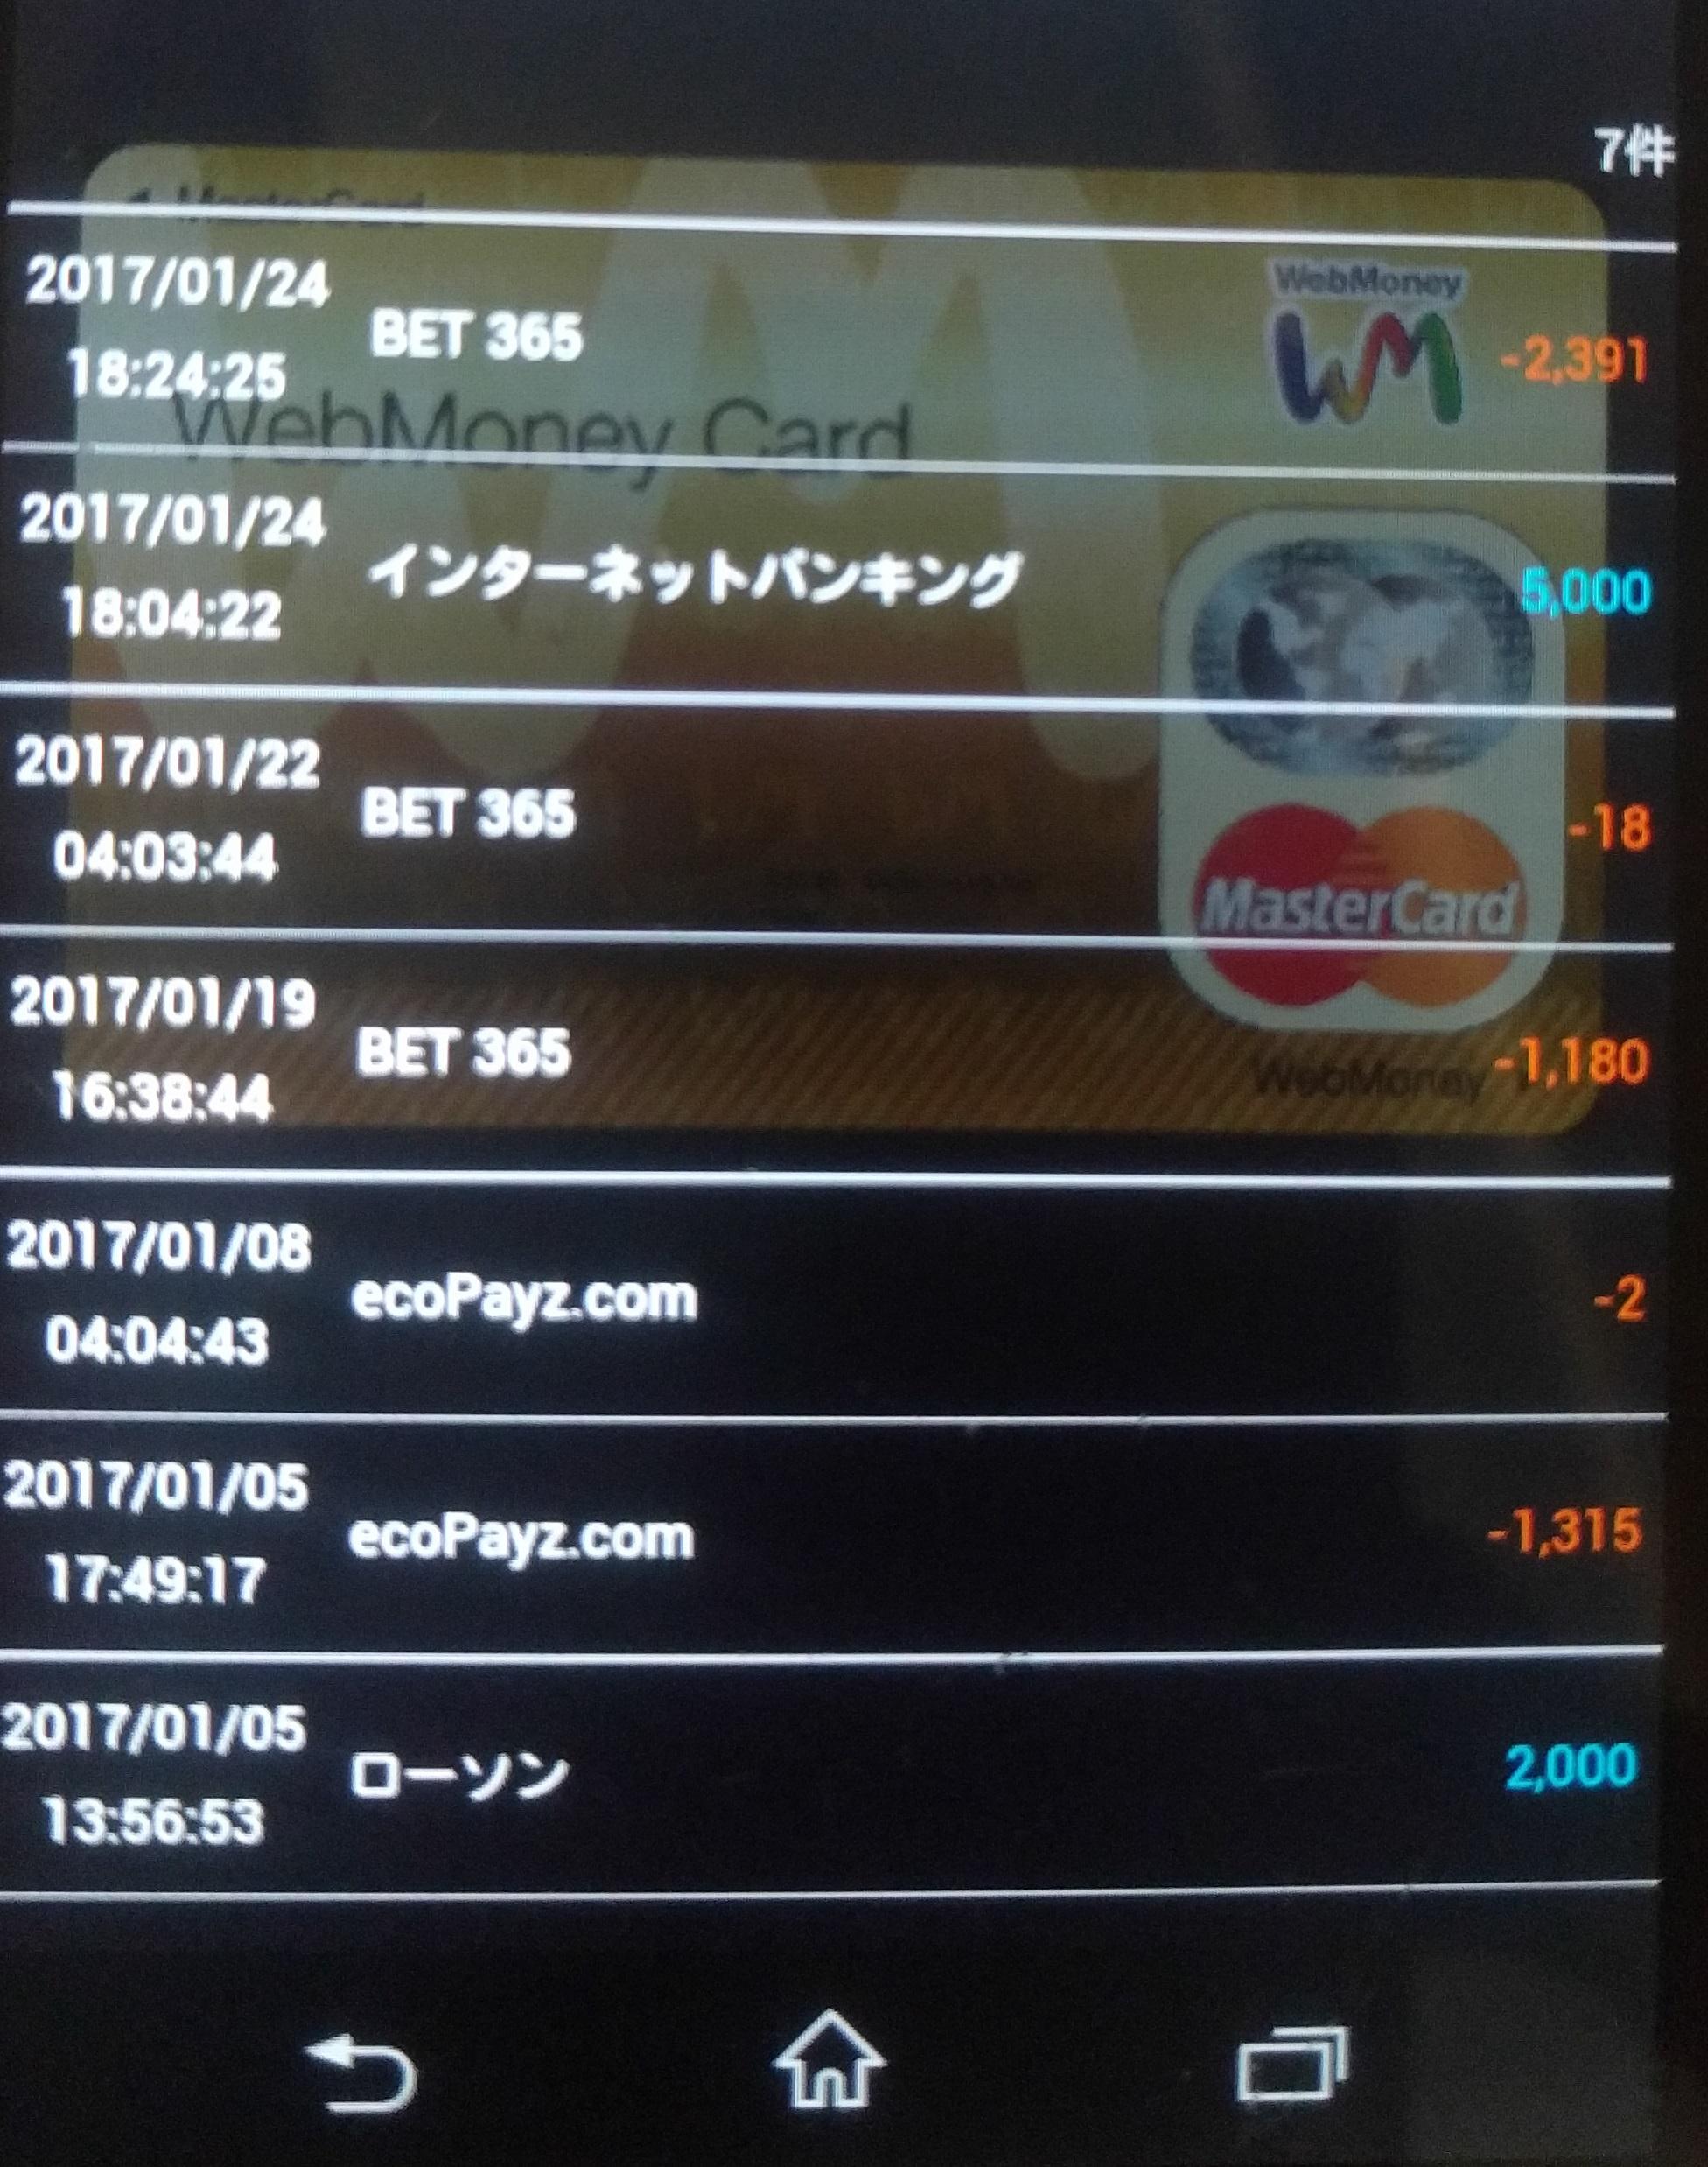 bet365、エコペイズ入金